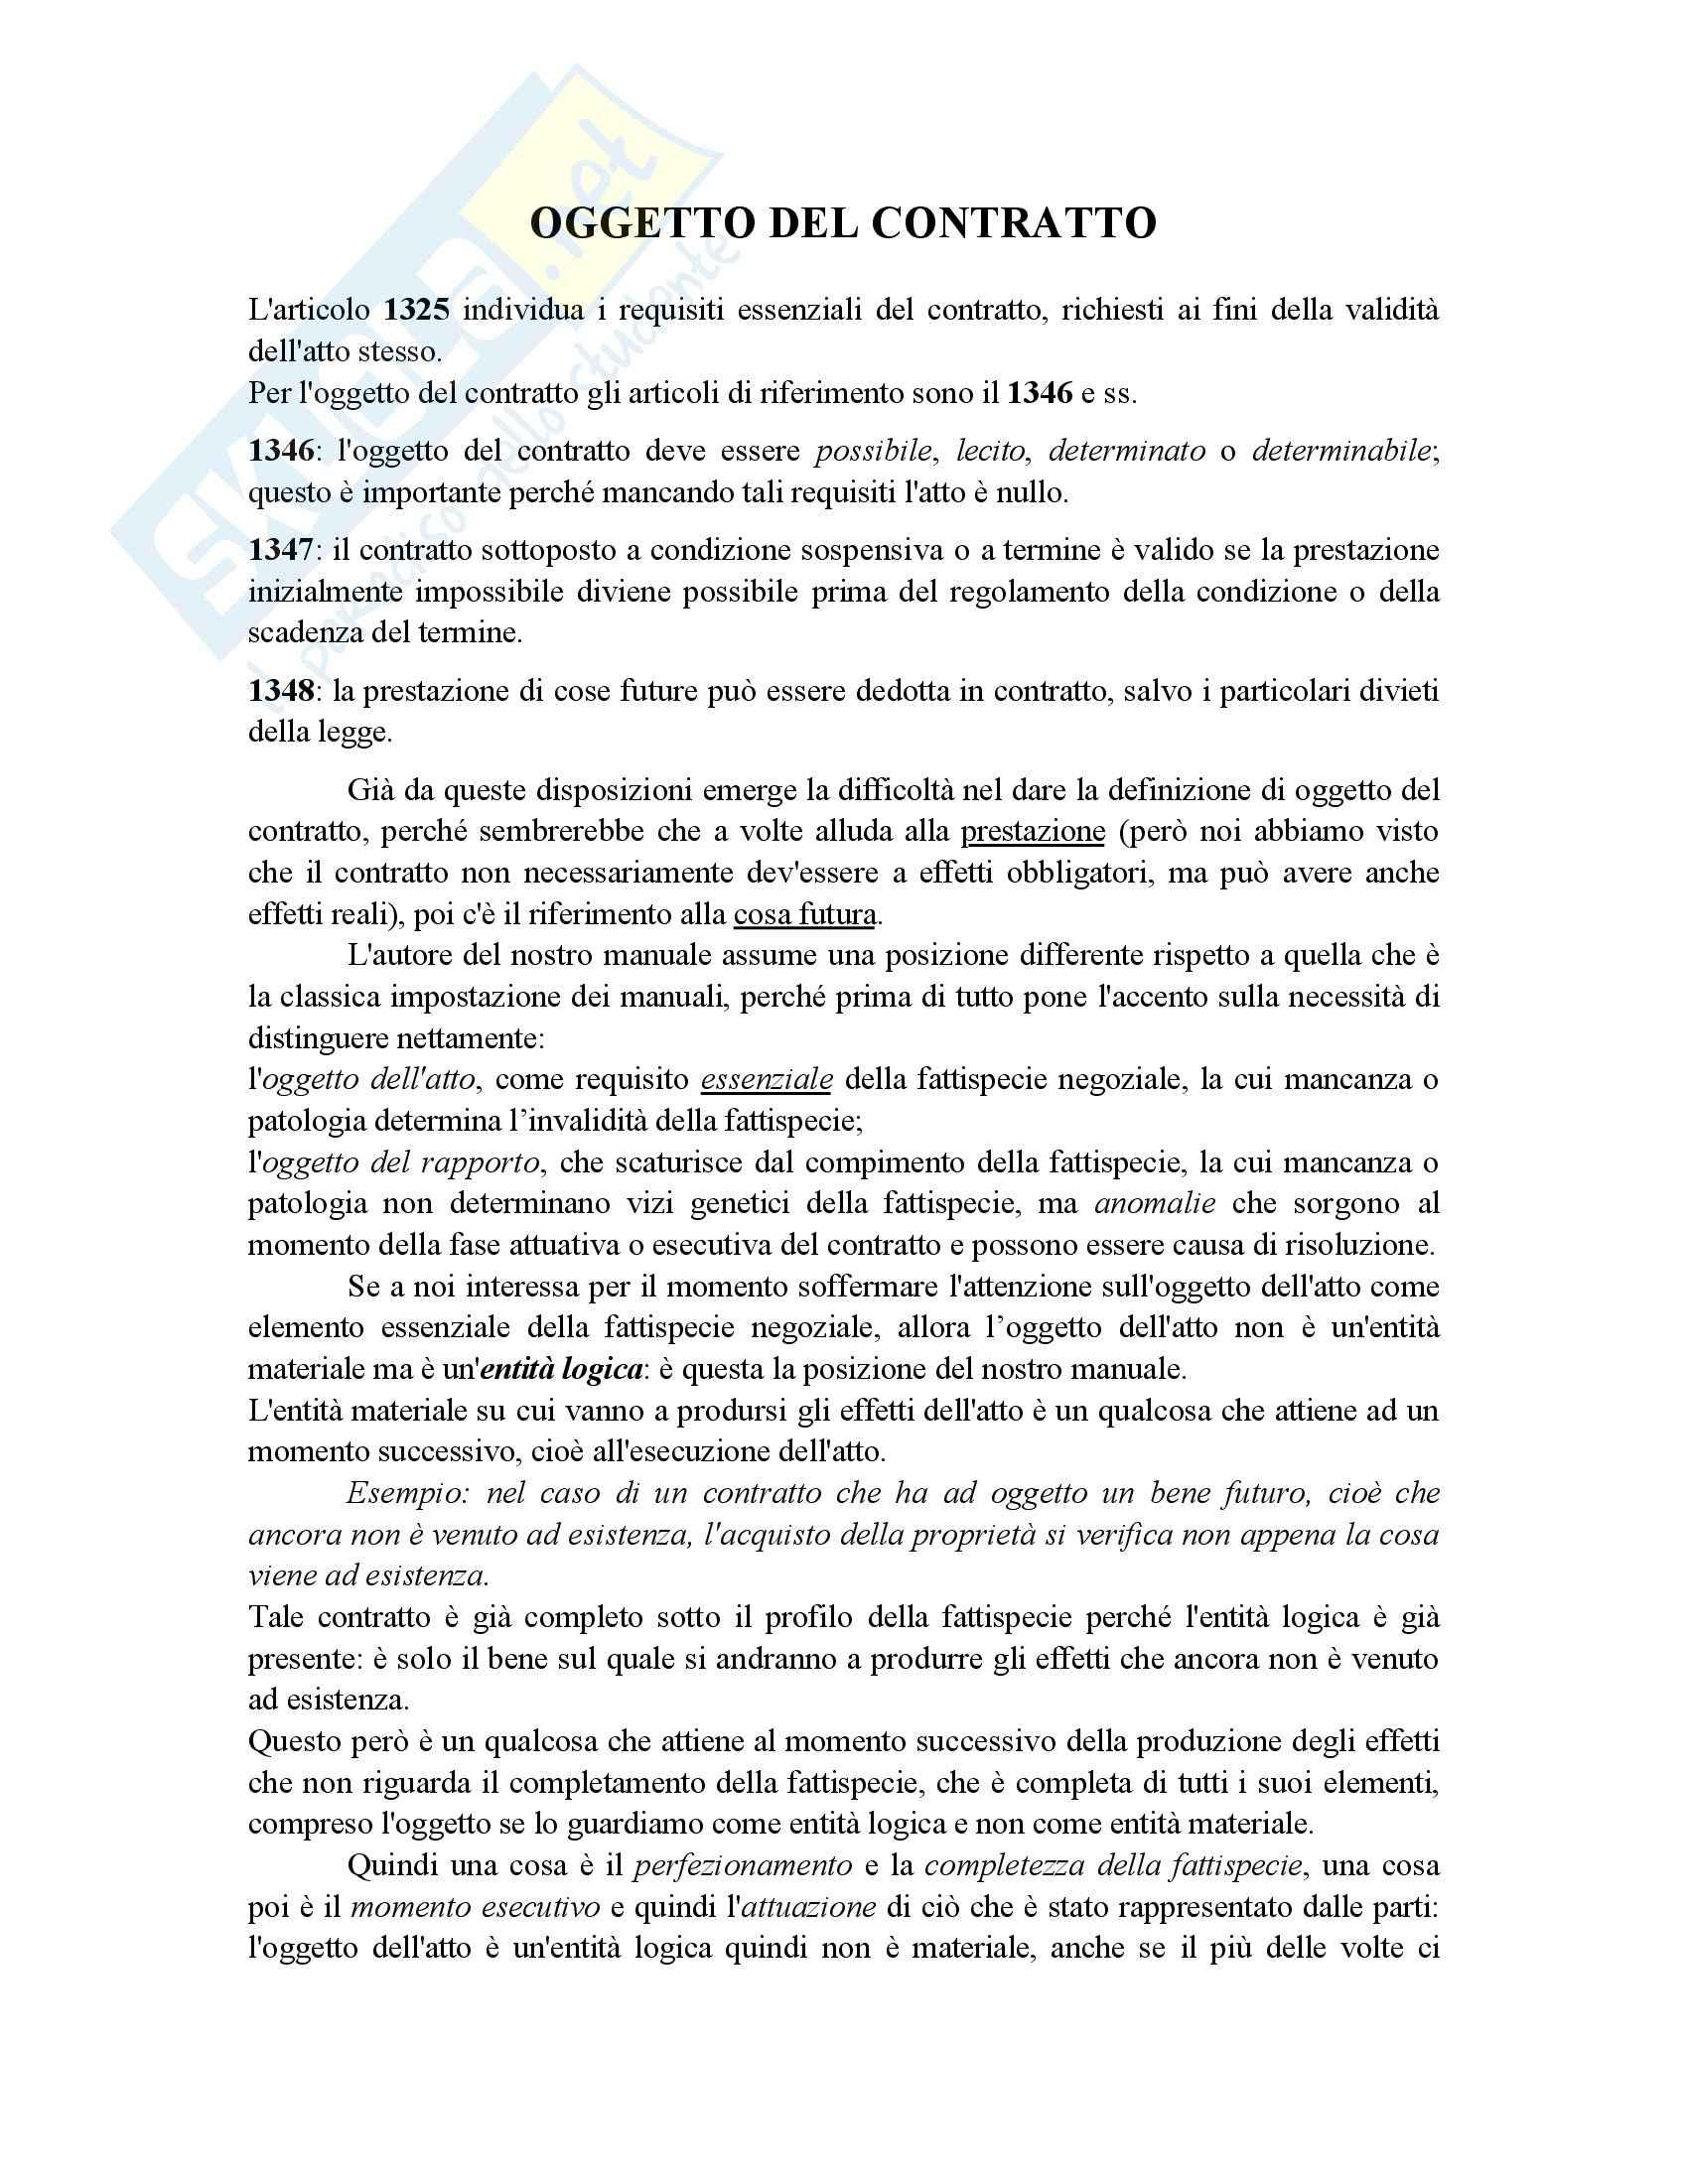 Manuale di diritto civile, Perlingieri - Il contratto